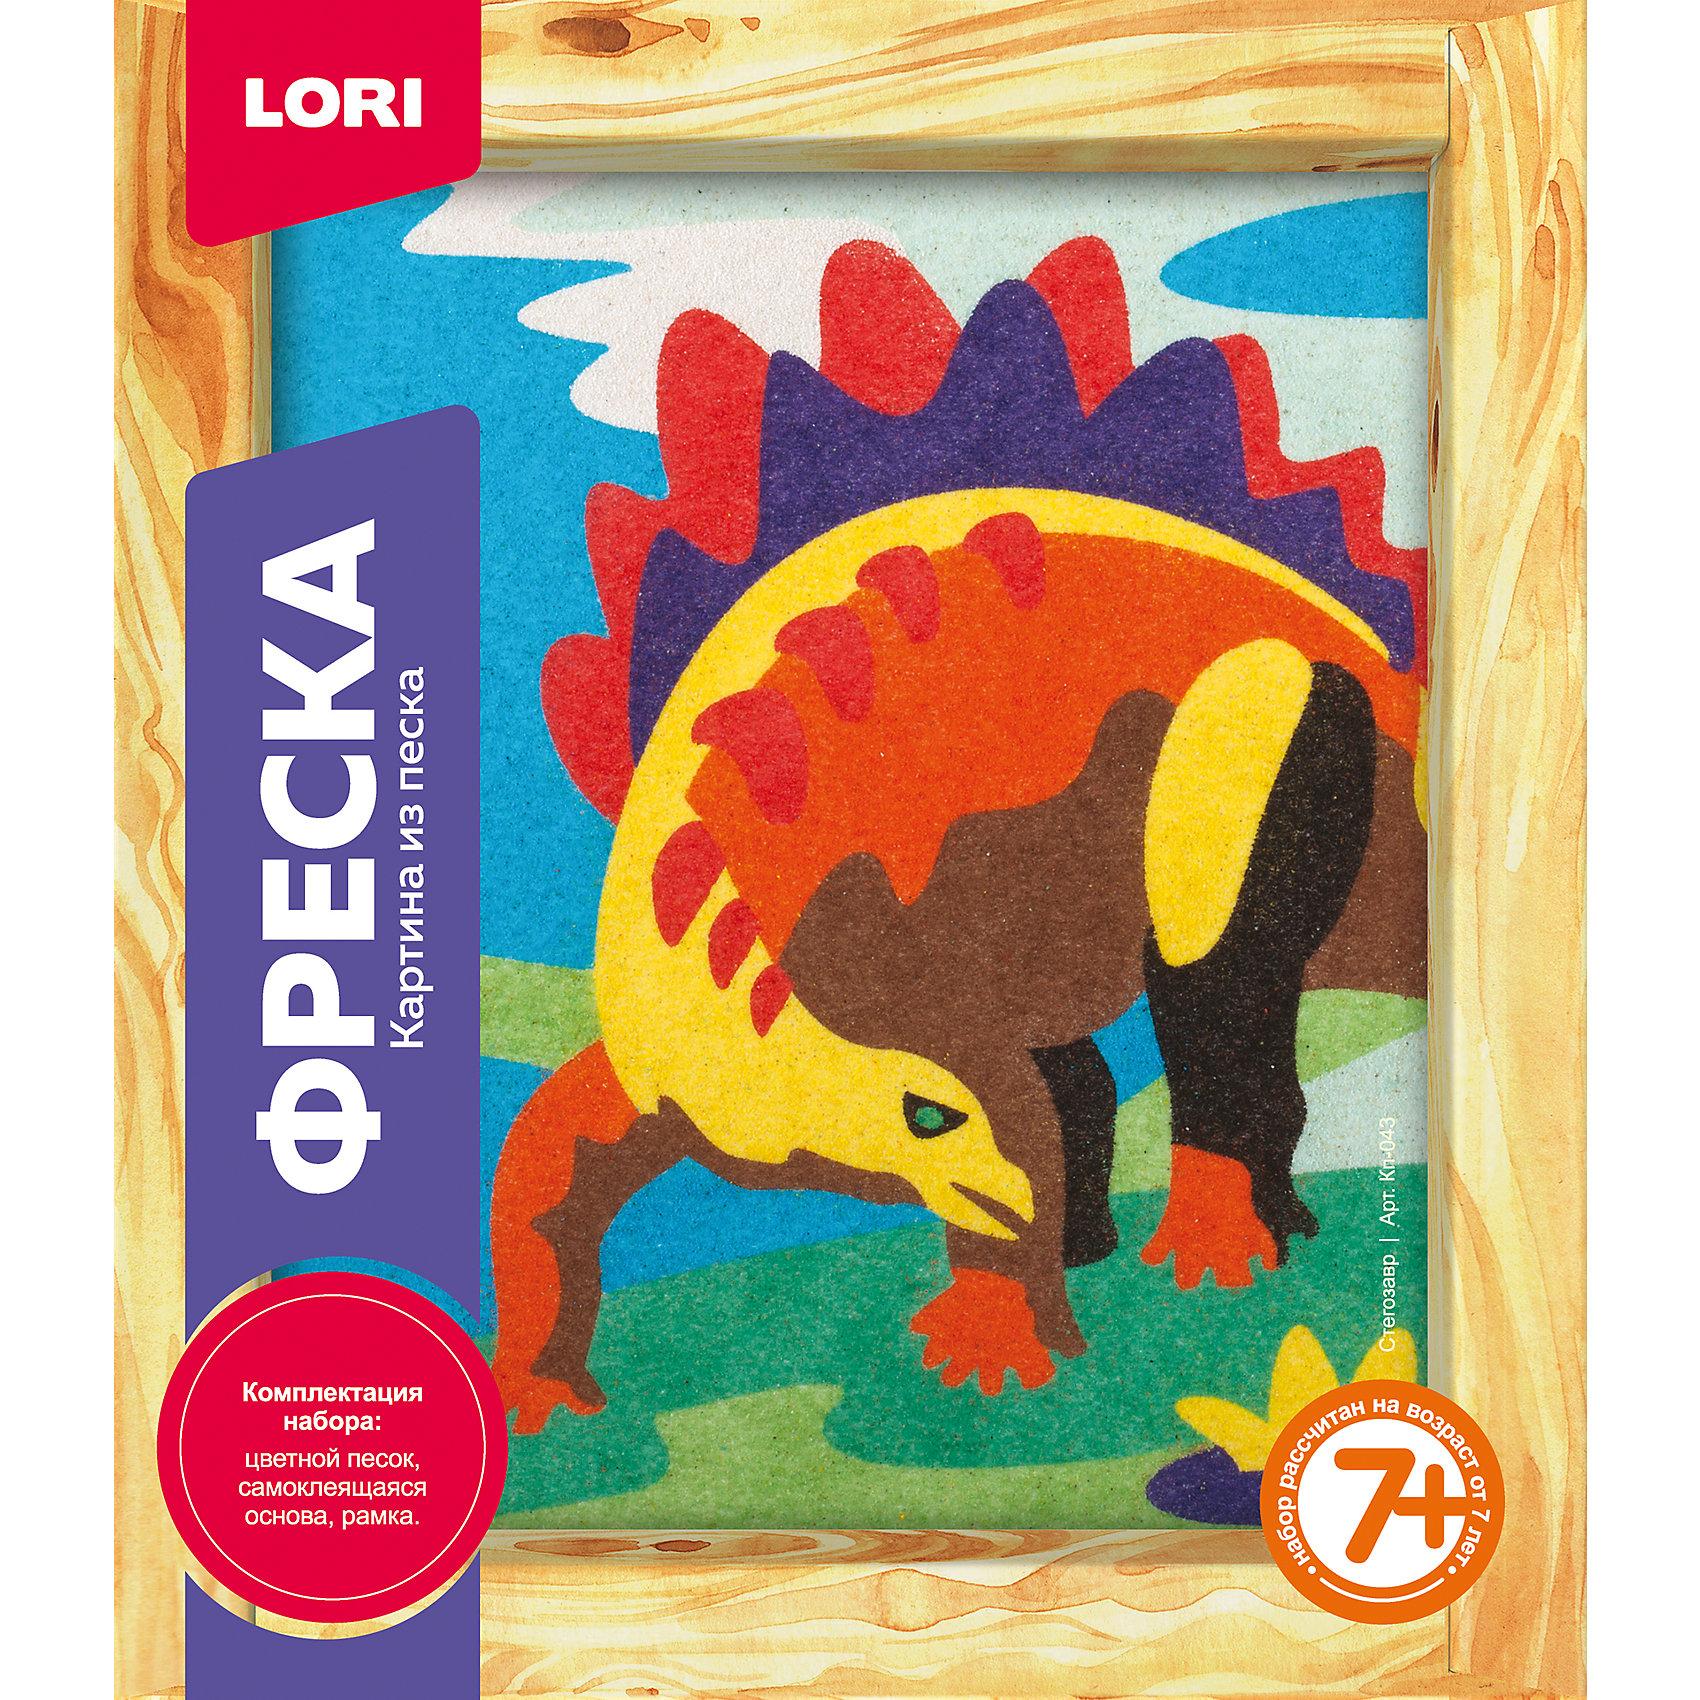 Фреска, Картина из песка Стегозавр